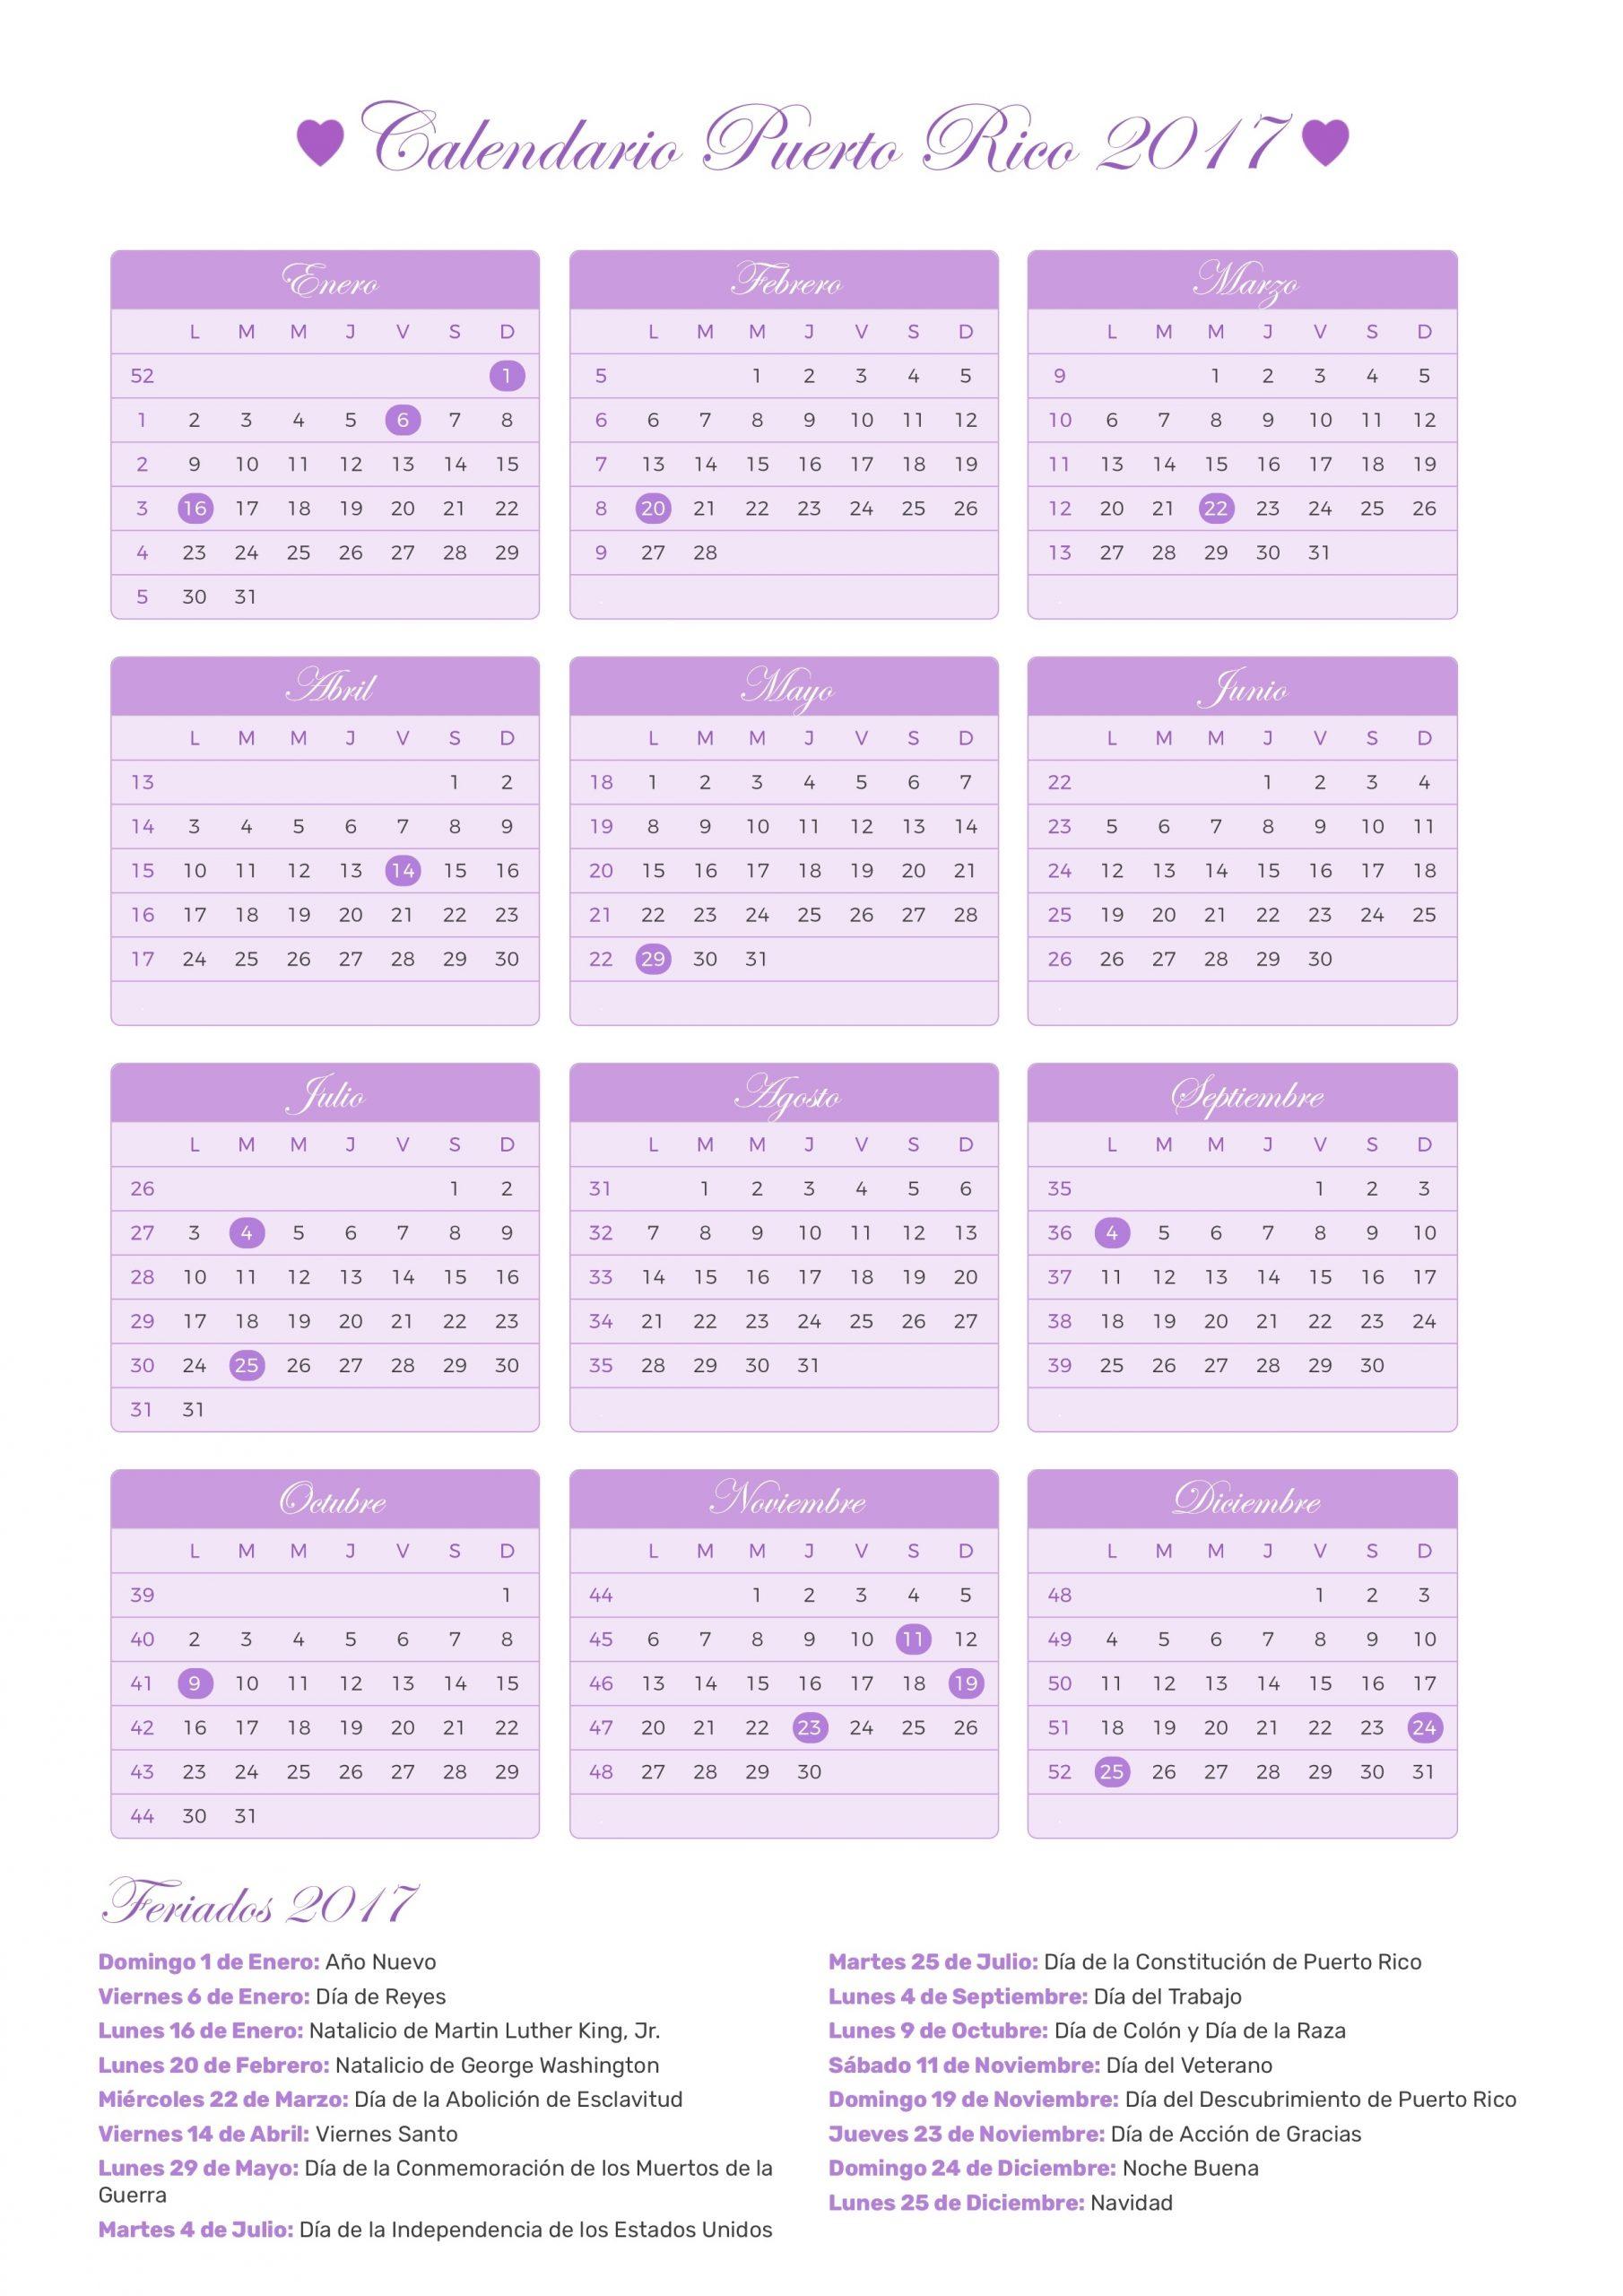 Calendario De Puerto Rico Año 2017 | Feriados | Feriados